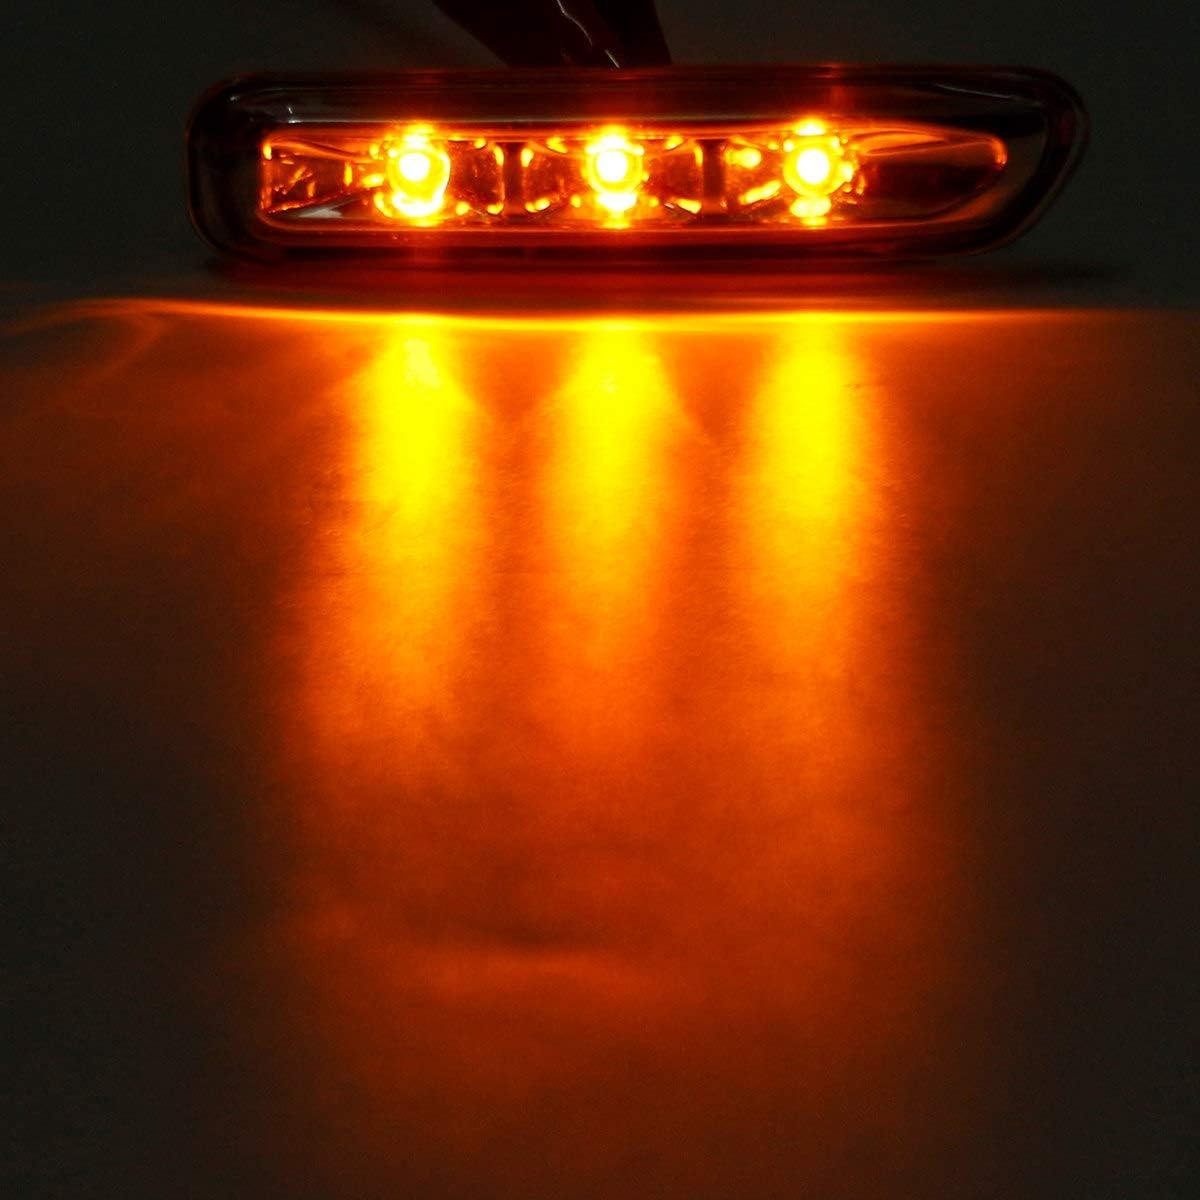 Gaoominy pour S/éRie 3 E46 316I 318I 325I X3 E83 E90 4D//2D 1999-2003 Indicateur de Virage Feu de Gabarit Lat/éRal Clignotant Noir